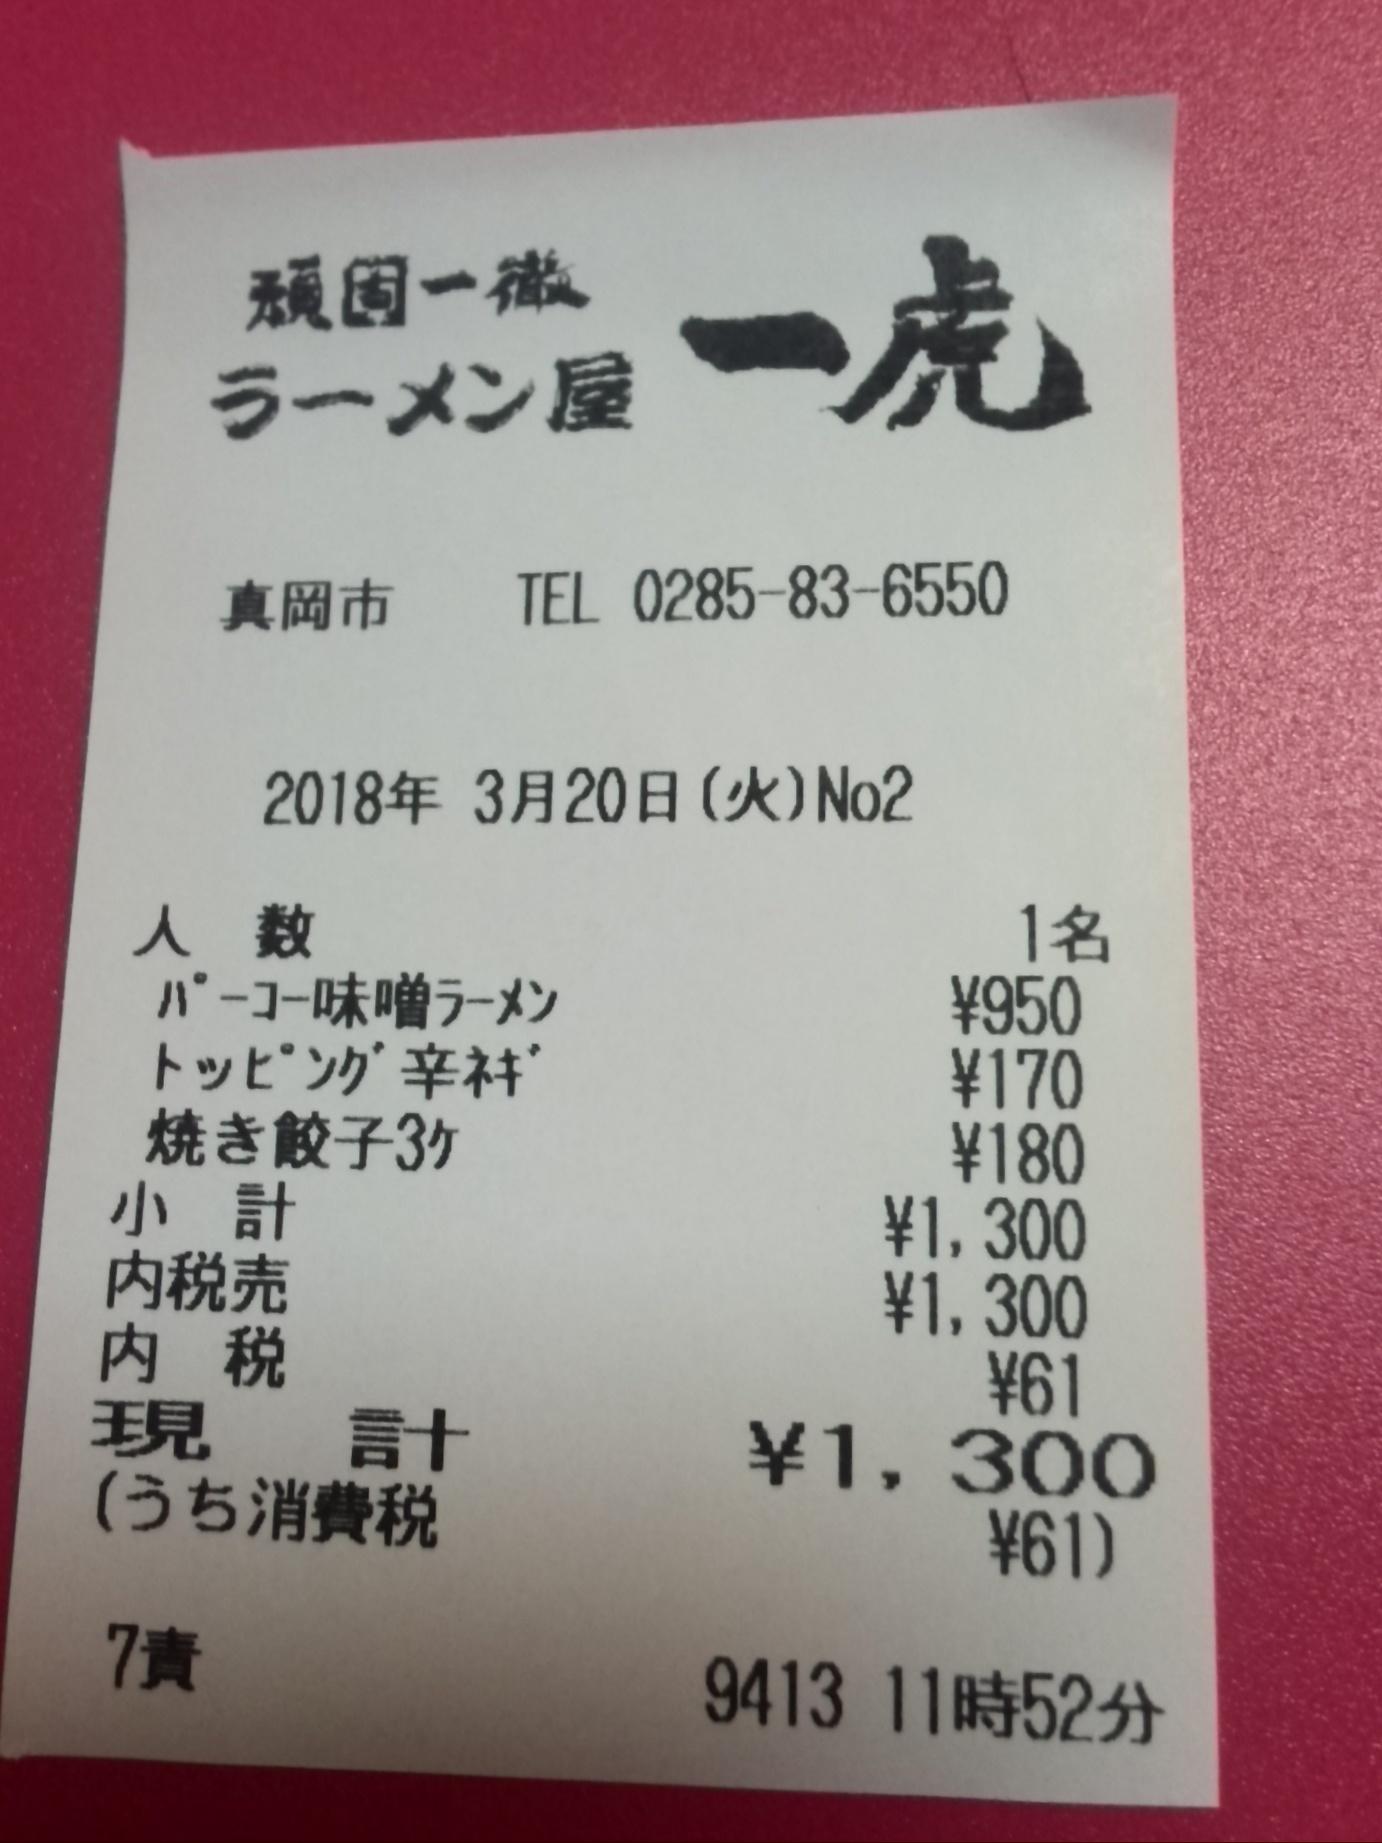 ラーメン屋 壱番亭 一虎真岡店 name=